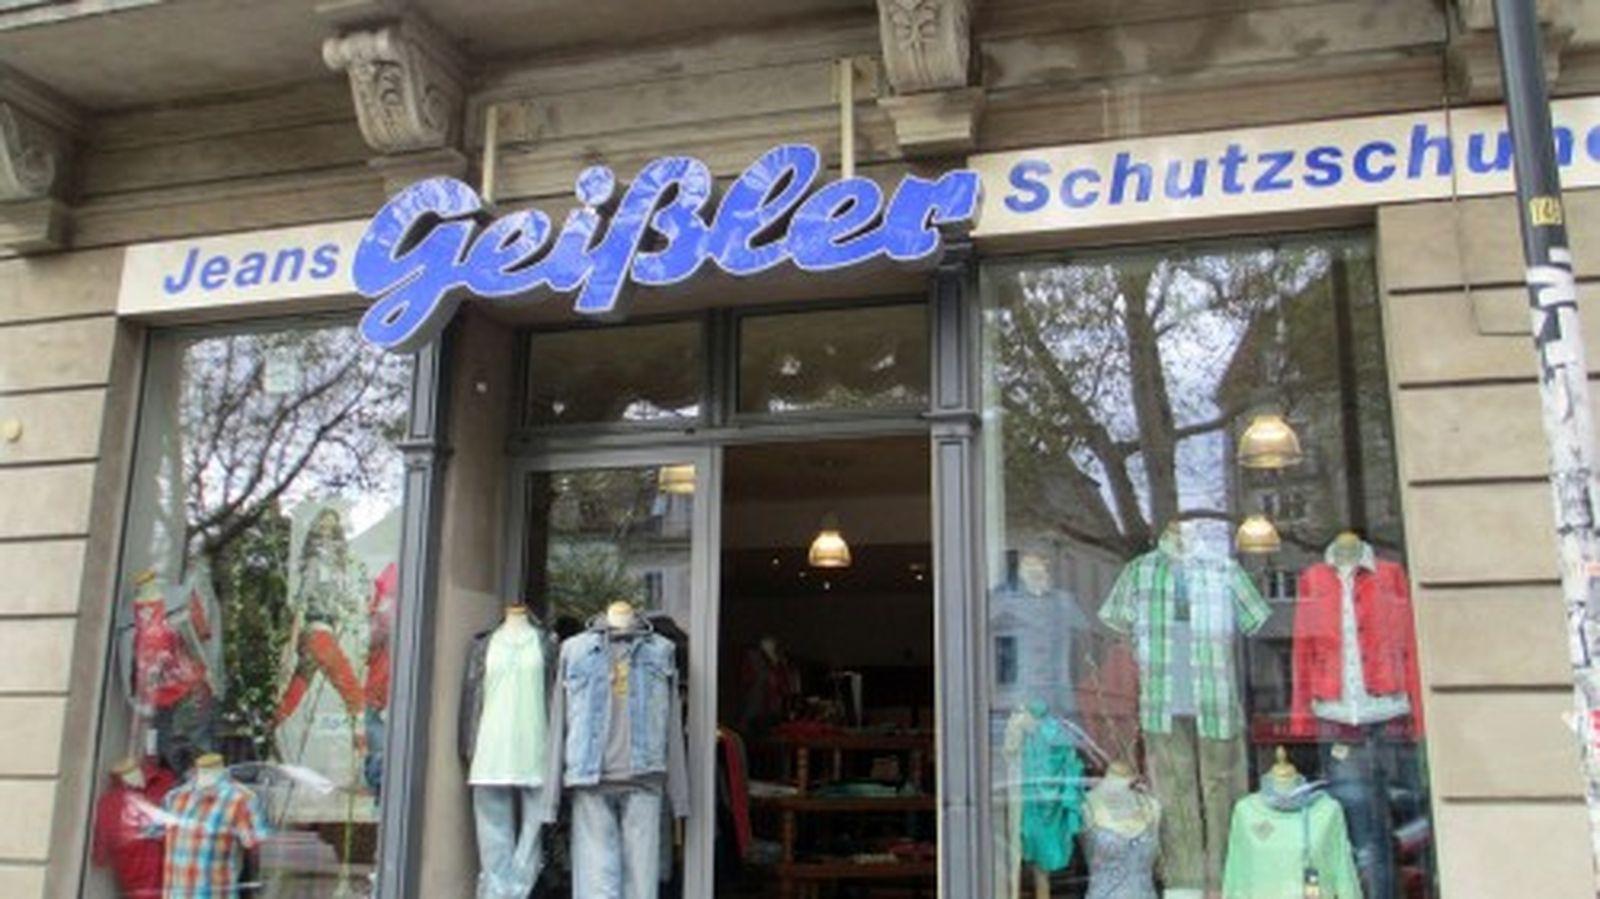 Seit 1991 am Platz, seit mehr als 50 Jahren existent: Jeans Geißler